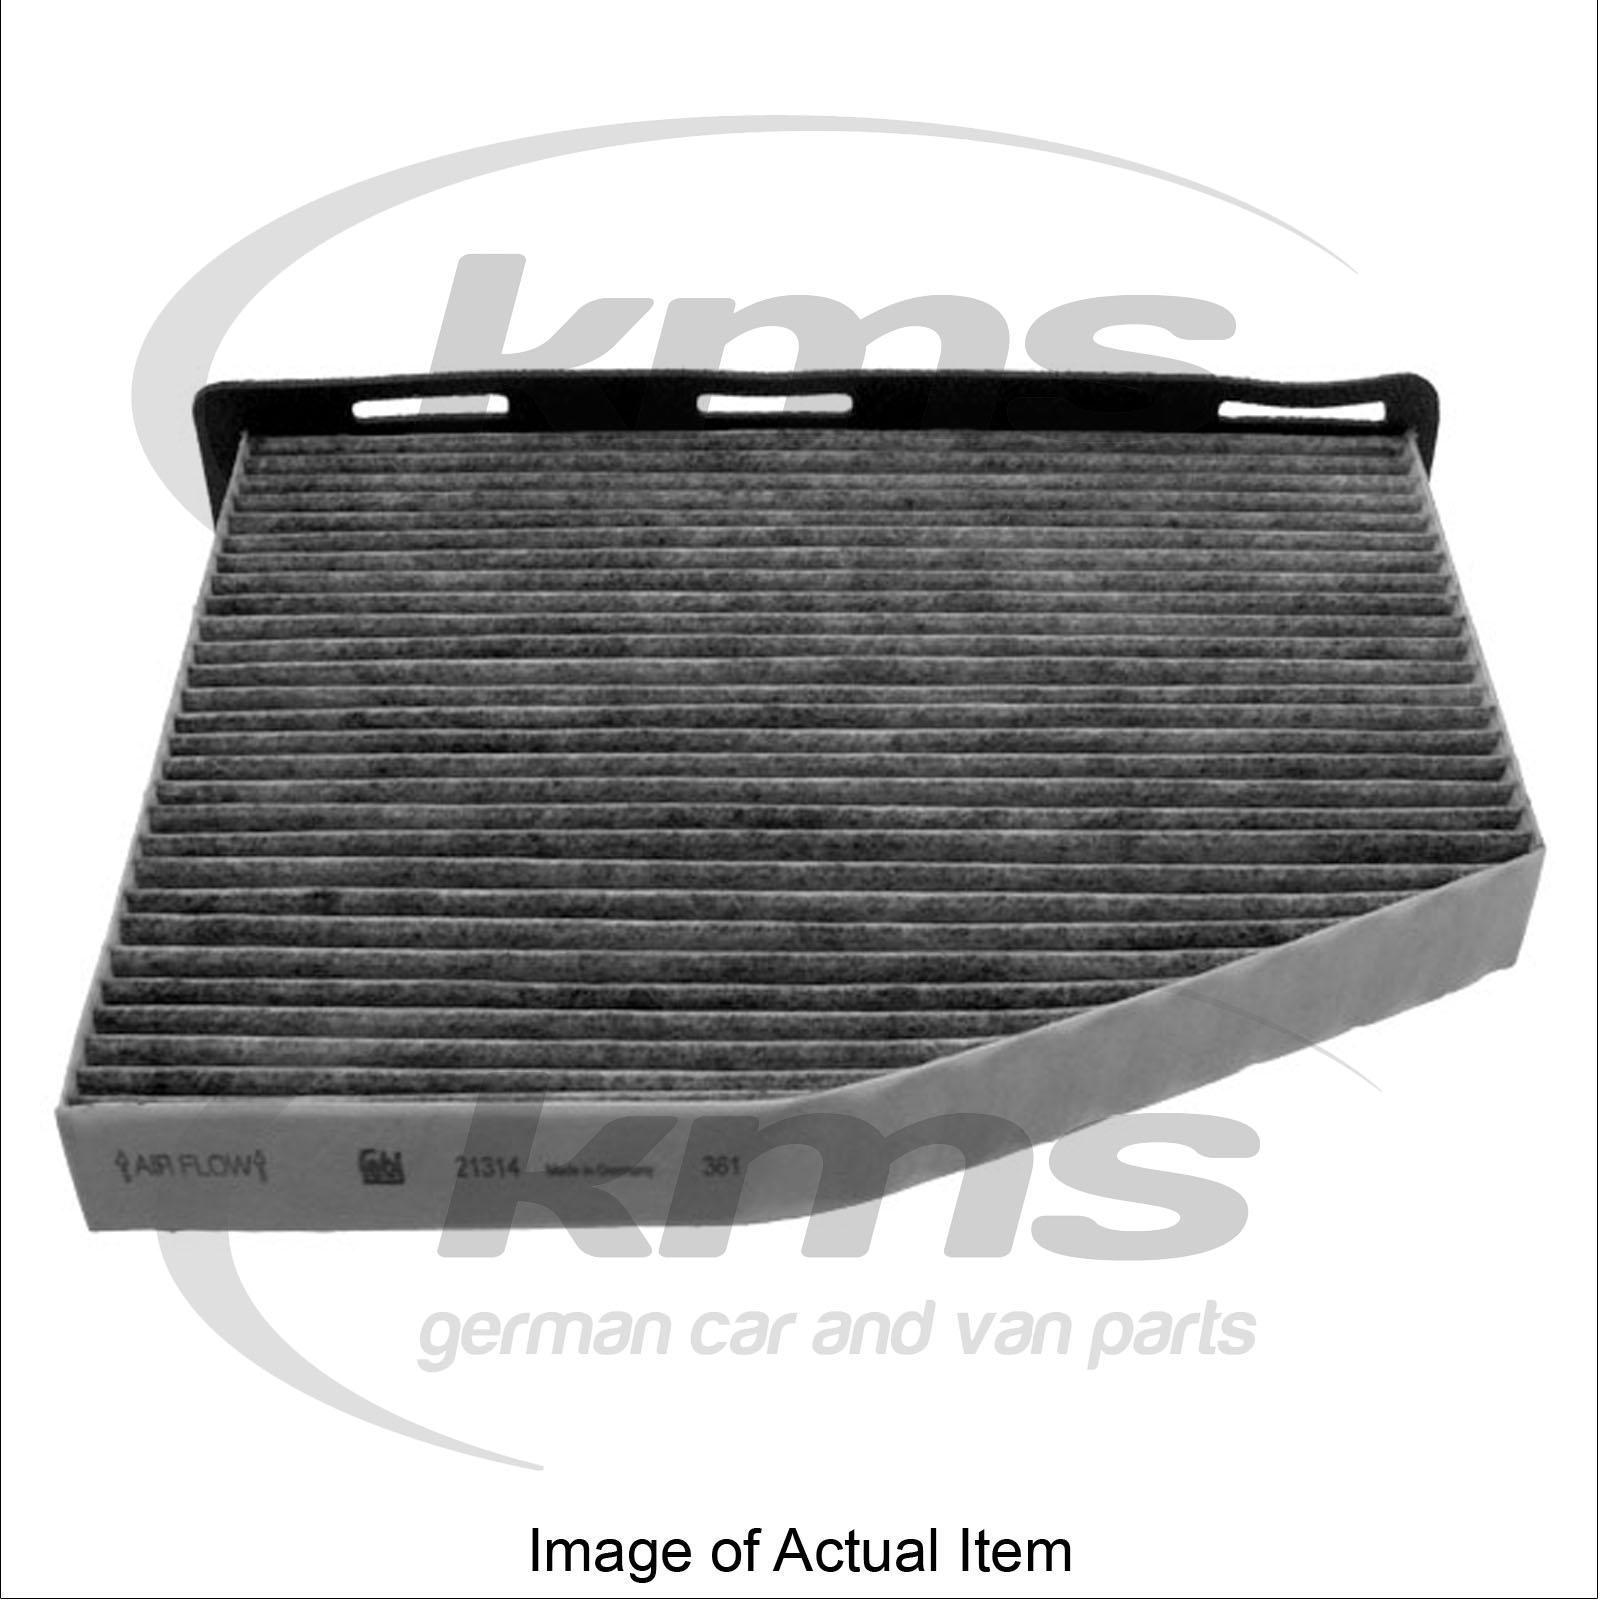 filtro antipolline vw golf estate sti 122 mk 6 2009 1. Black Bedroom Furniture Sets. Home Design Ideas